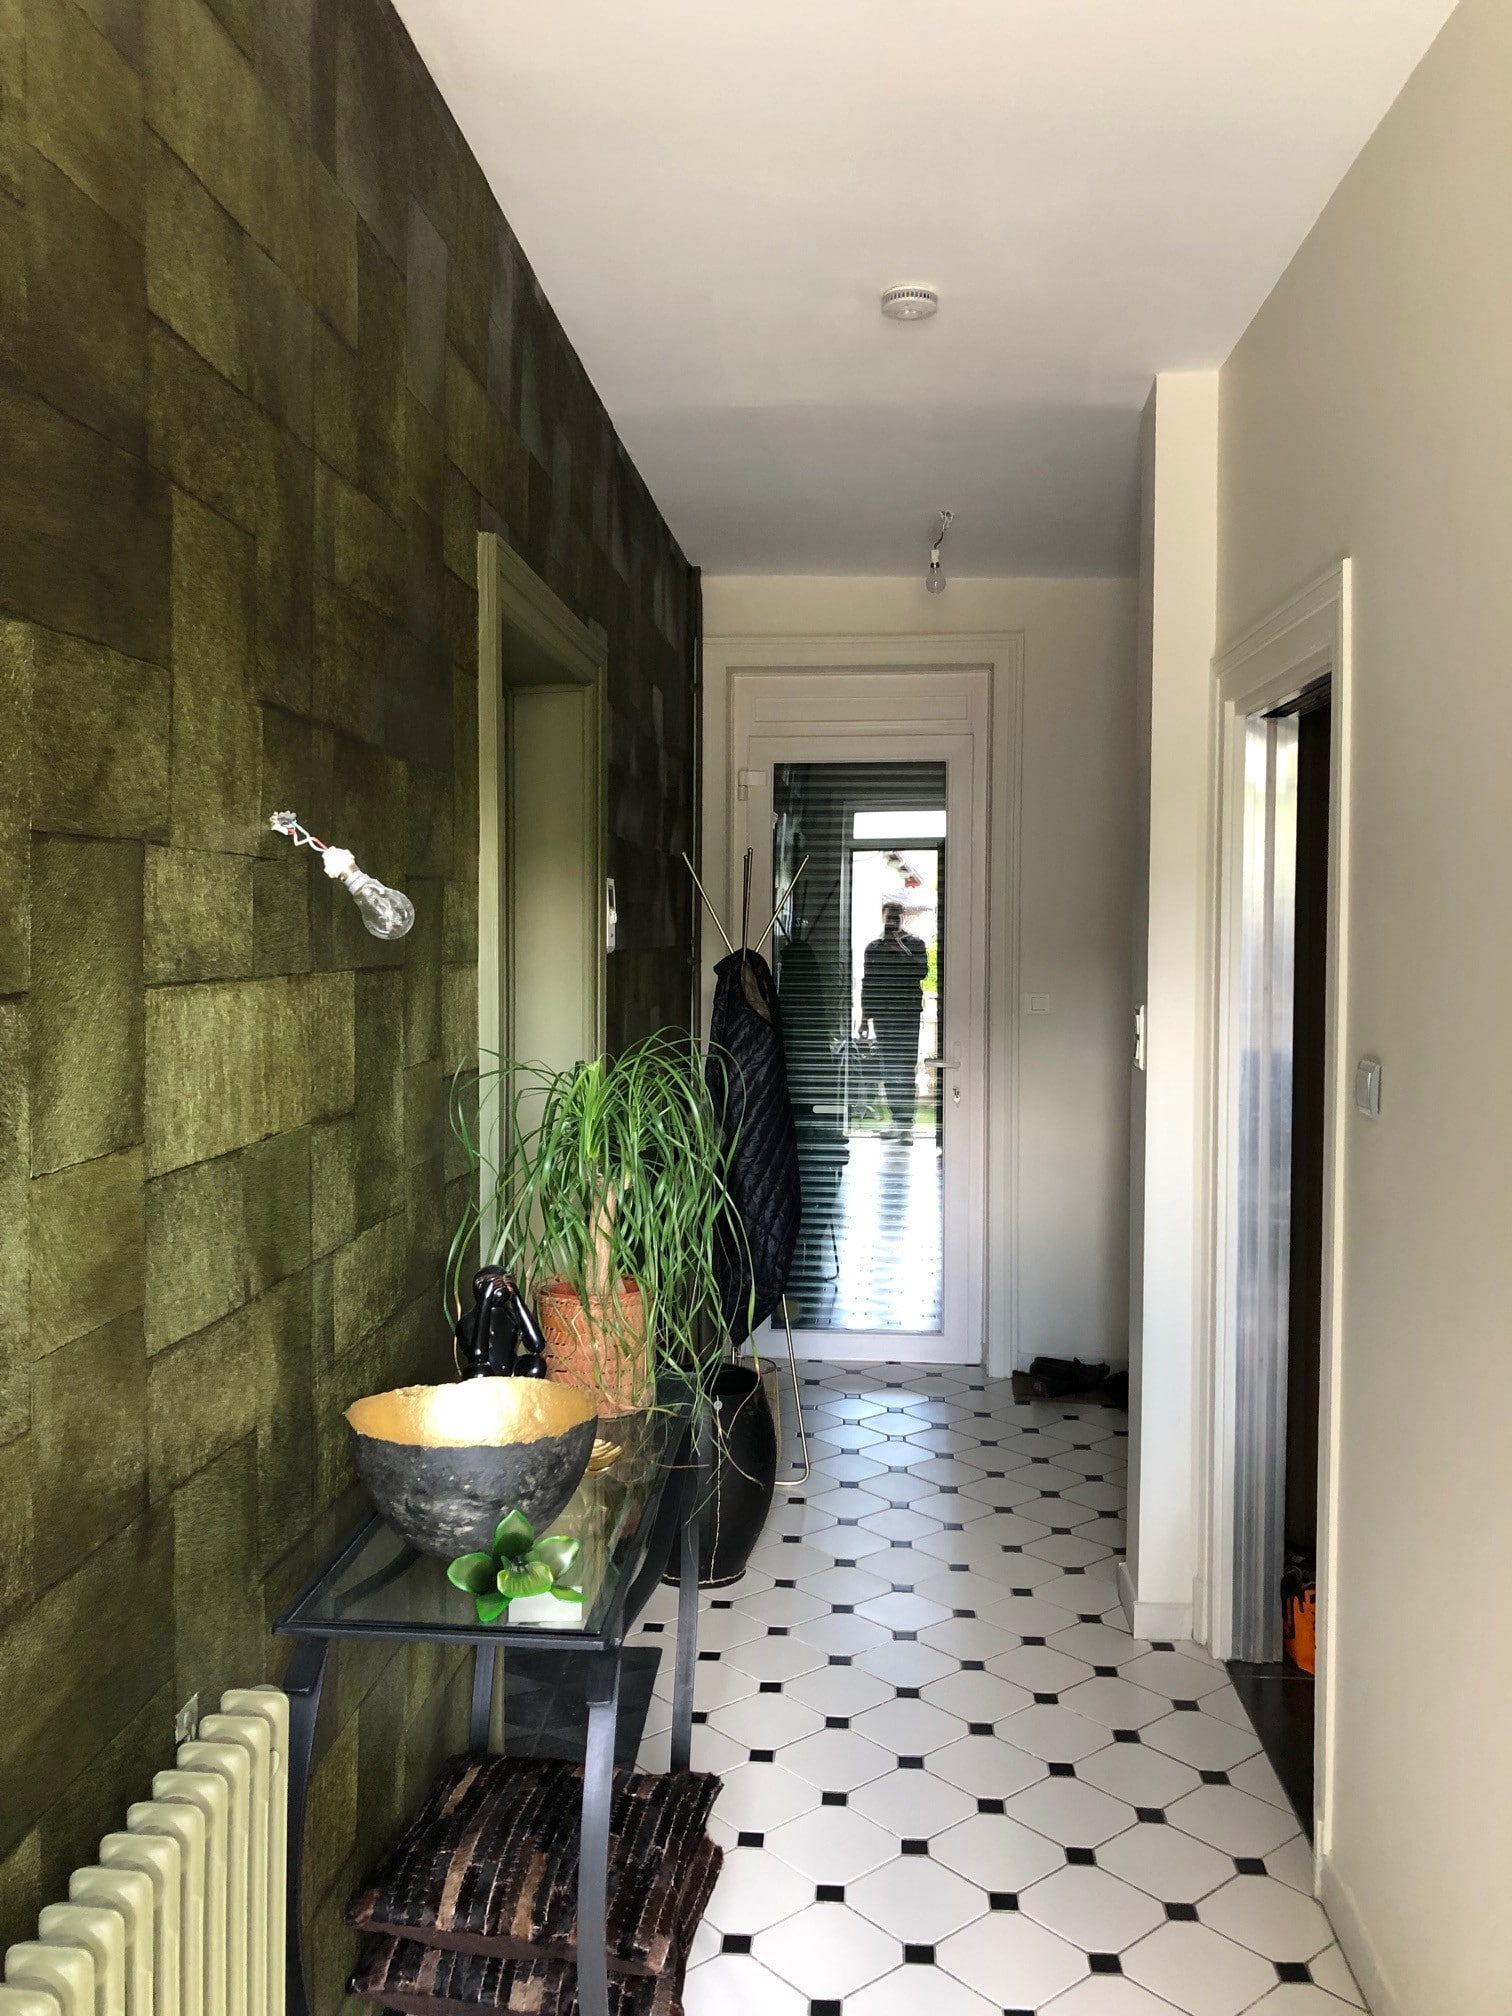 Rénovation intérieure d\'une maison à Ambérieu - Aménagement intérieur